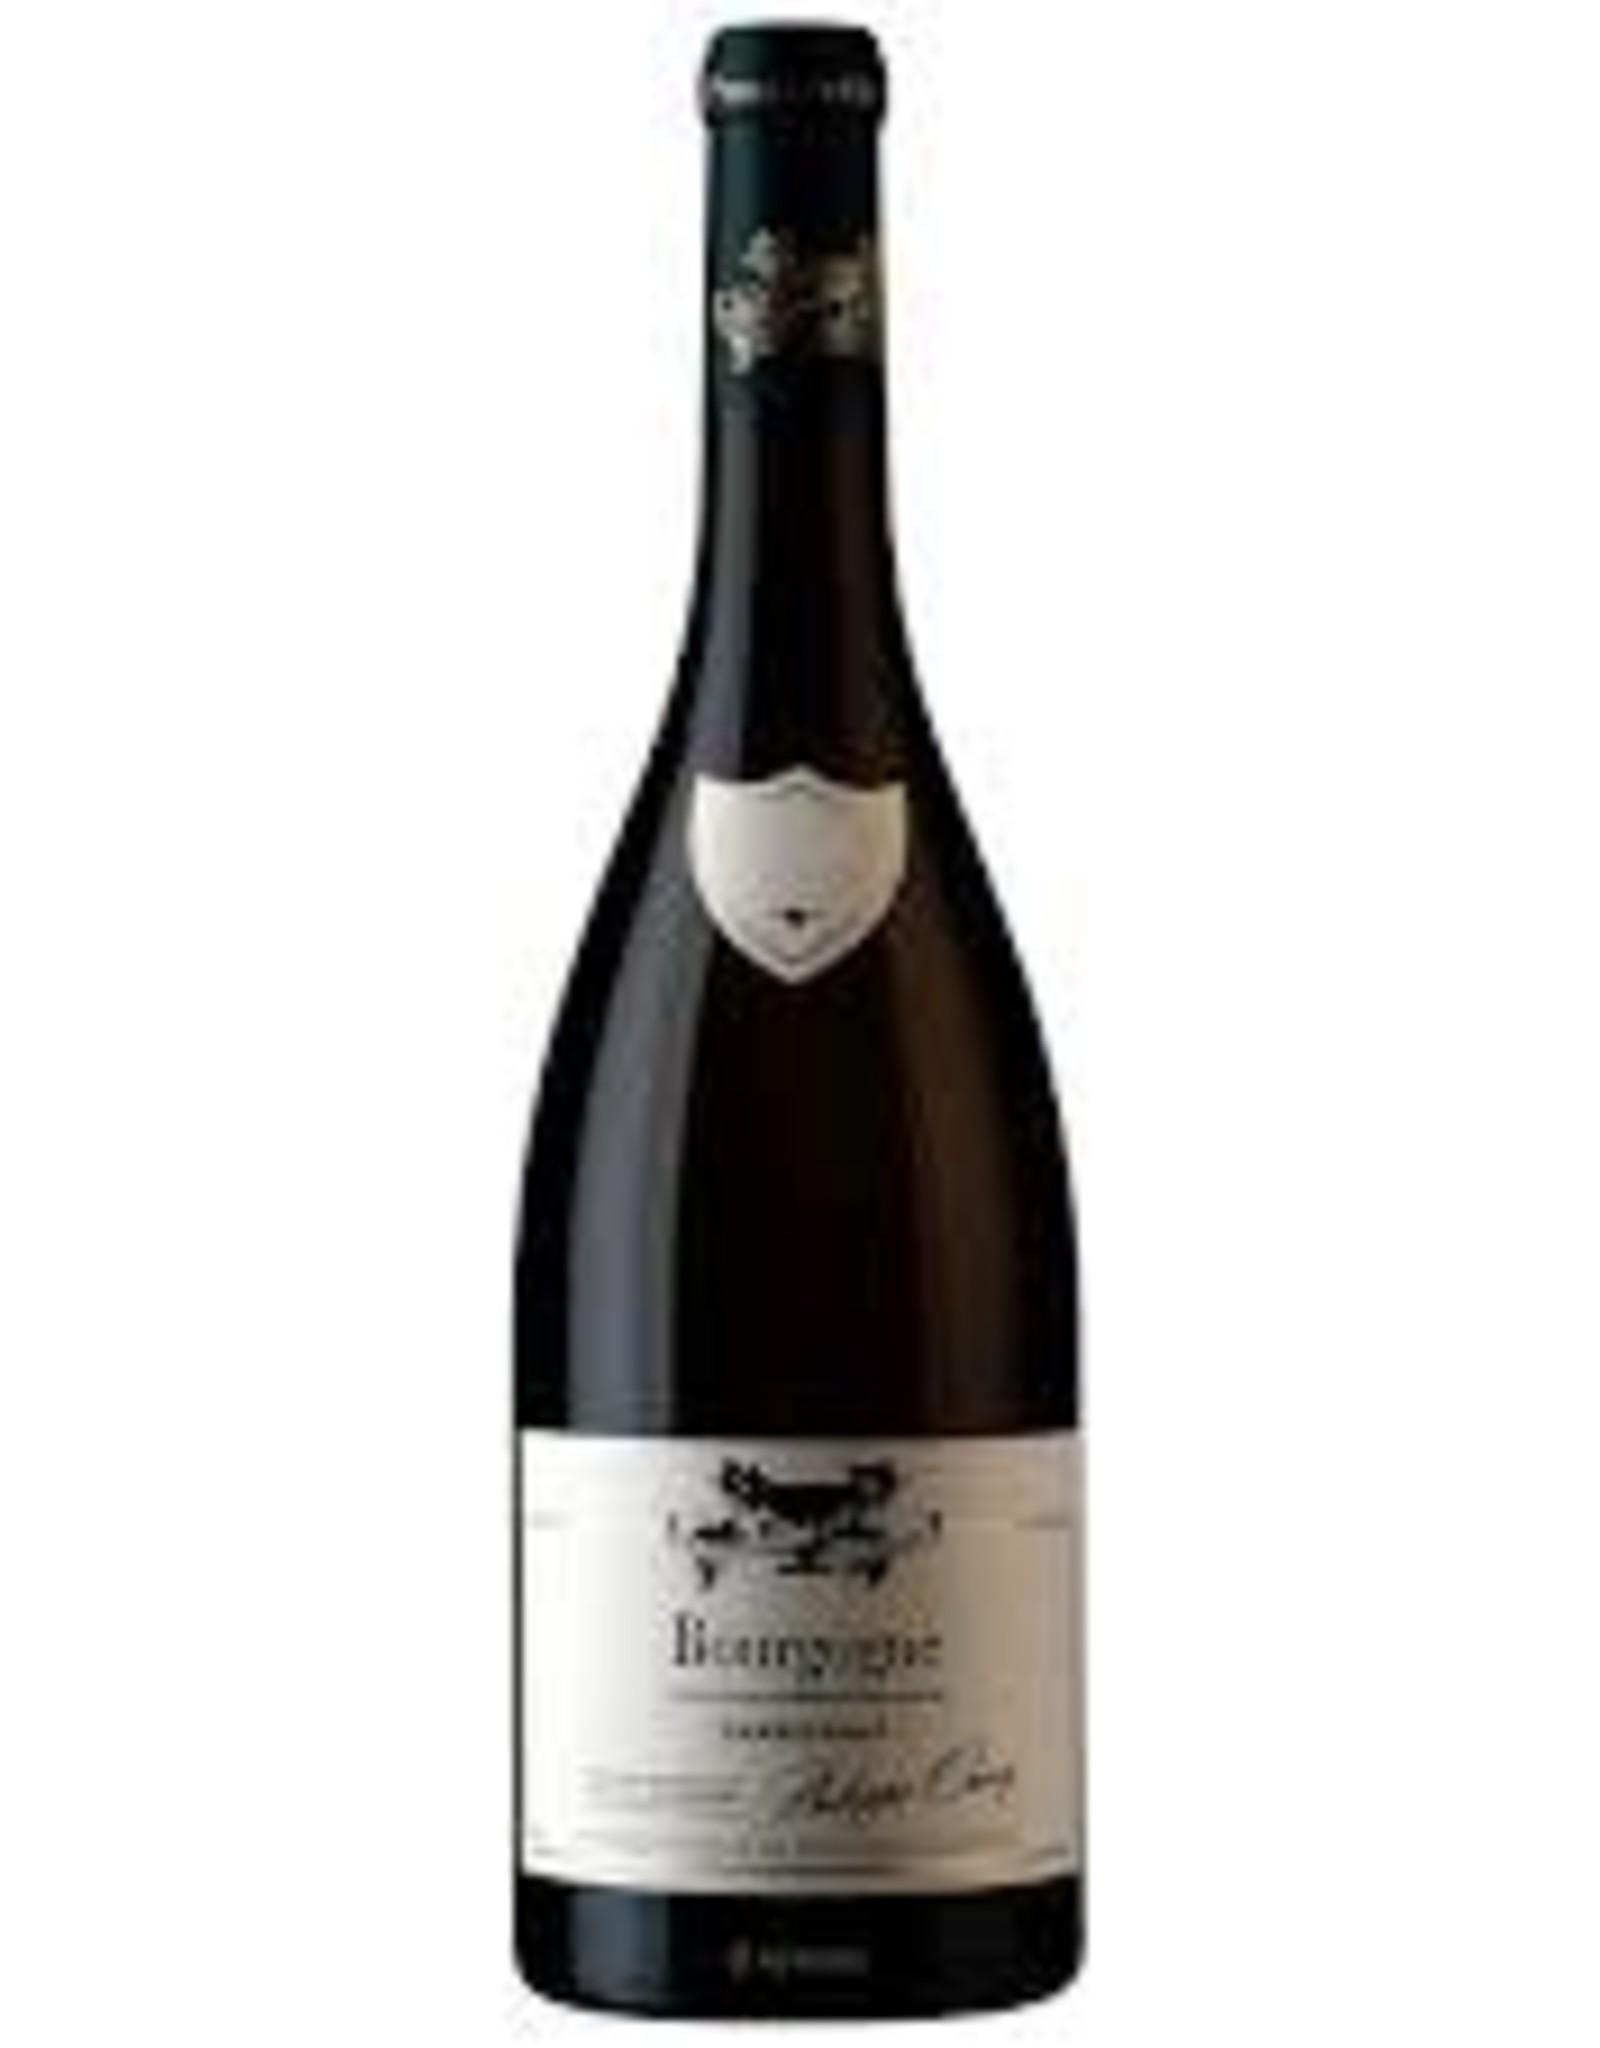 W Burgundy, Bourgogne, Phillippe Chavy 2017